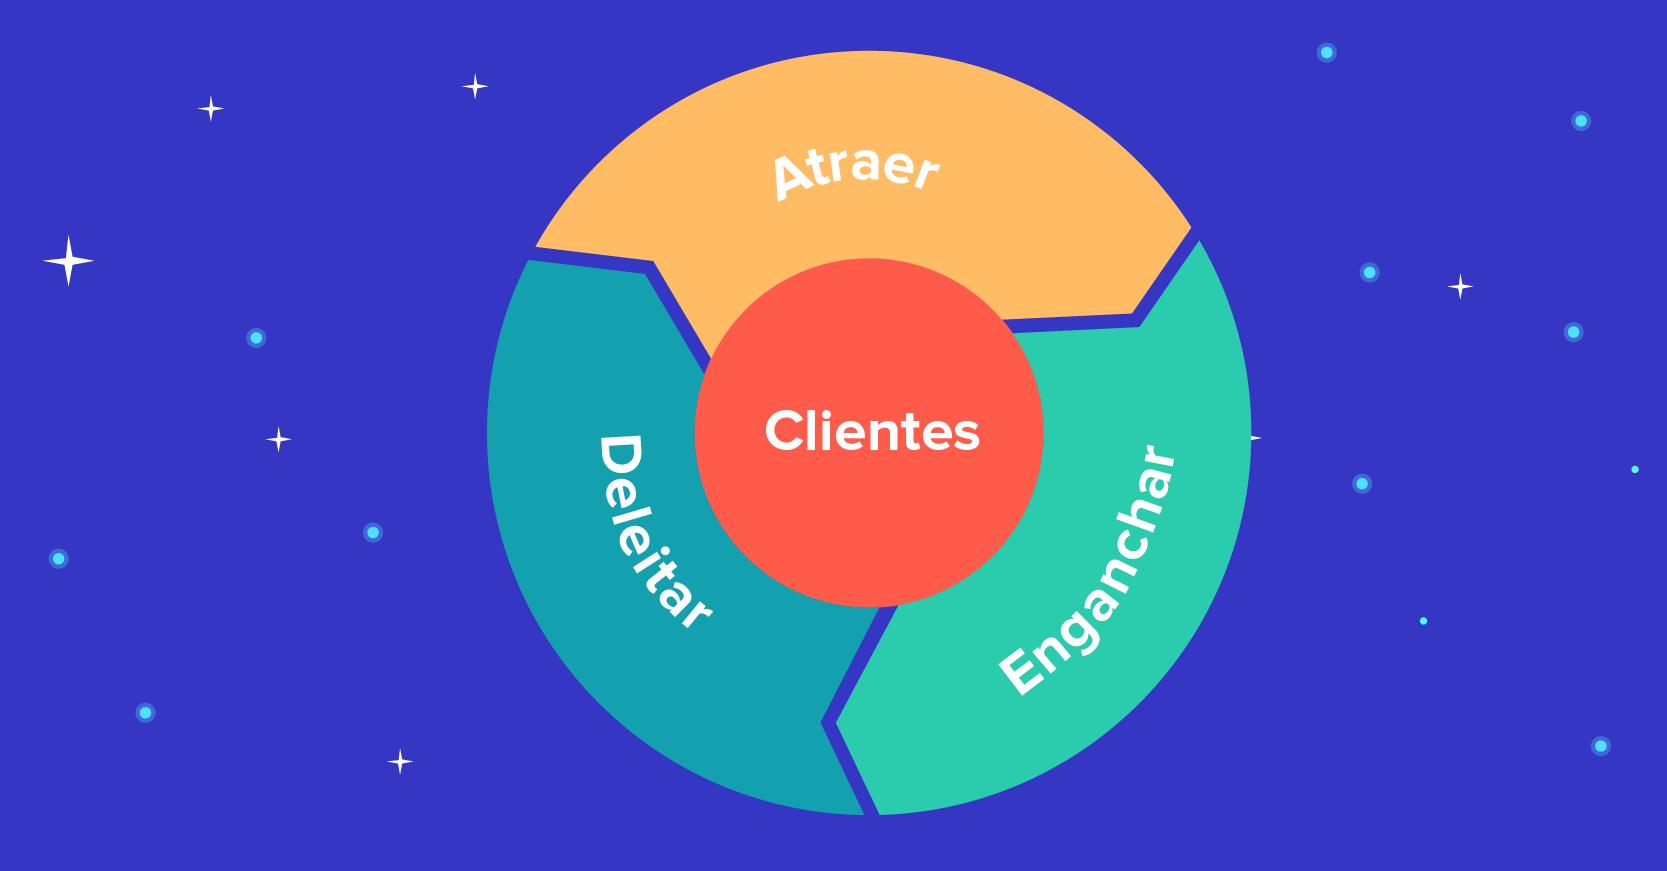 transformamos-tu-estrategia-para-atraer-vender-y-prestar-servicio-a-tus-clientes.portada